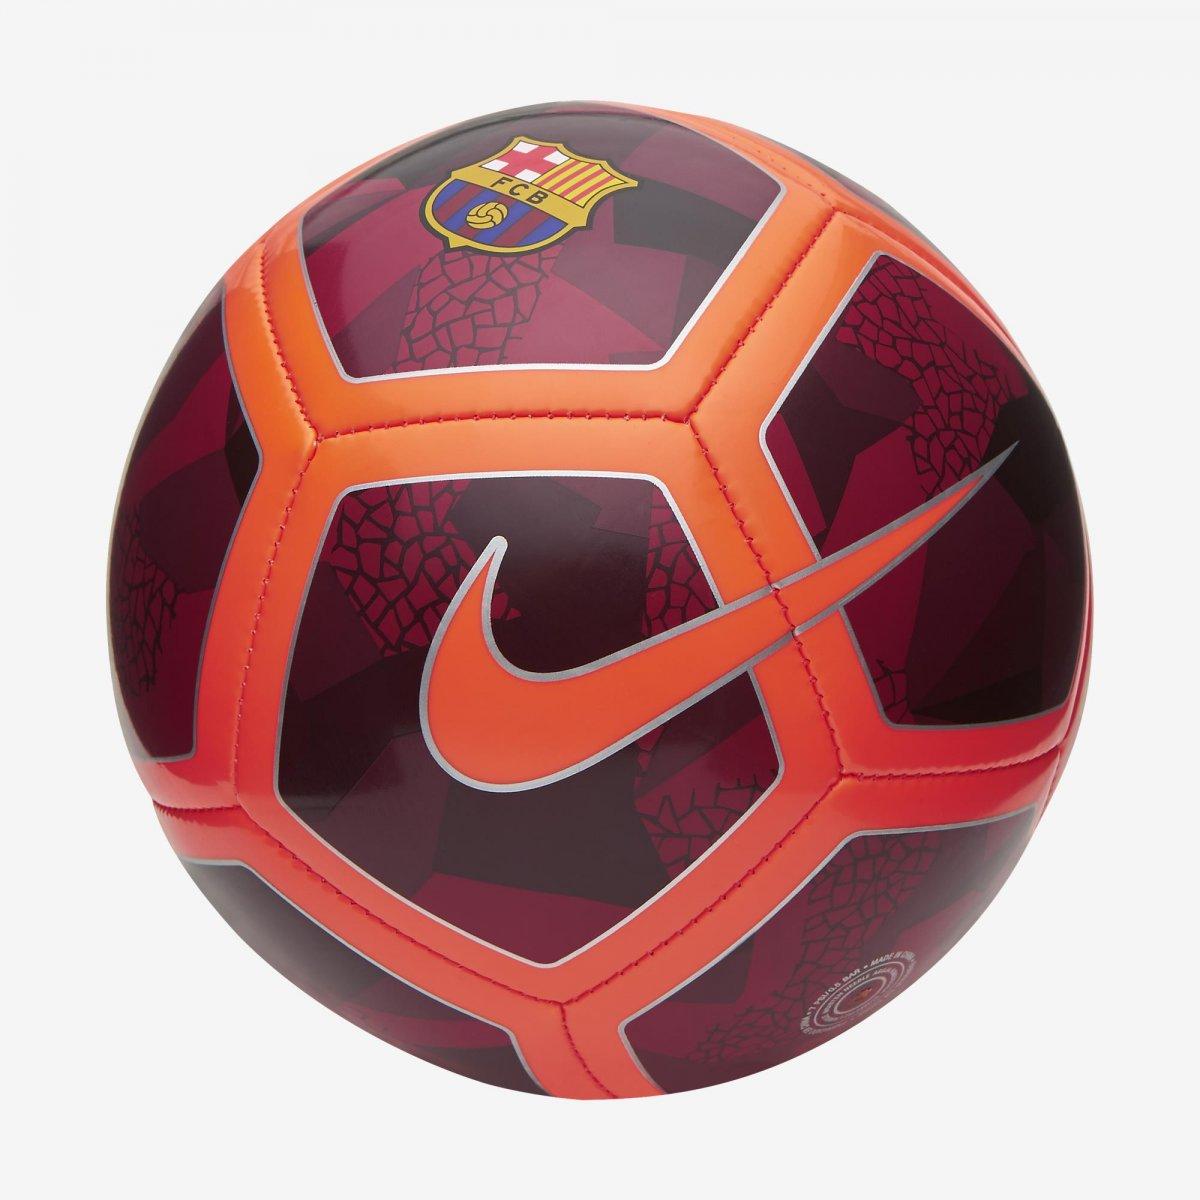 bf418678cc4c4 Bizz Store - Mini Bola Futebol De Campo Nike Barcelona Skills